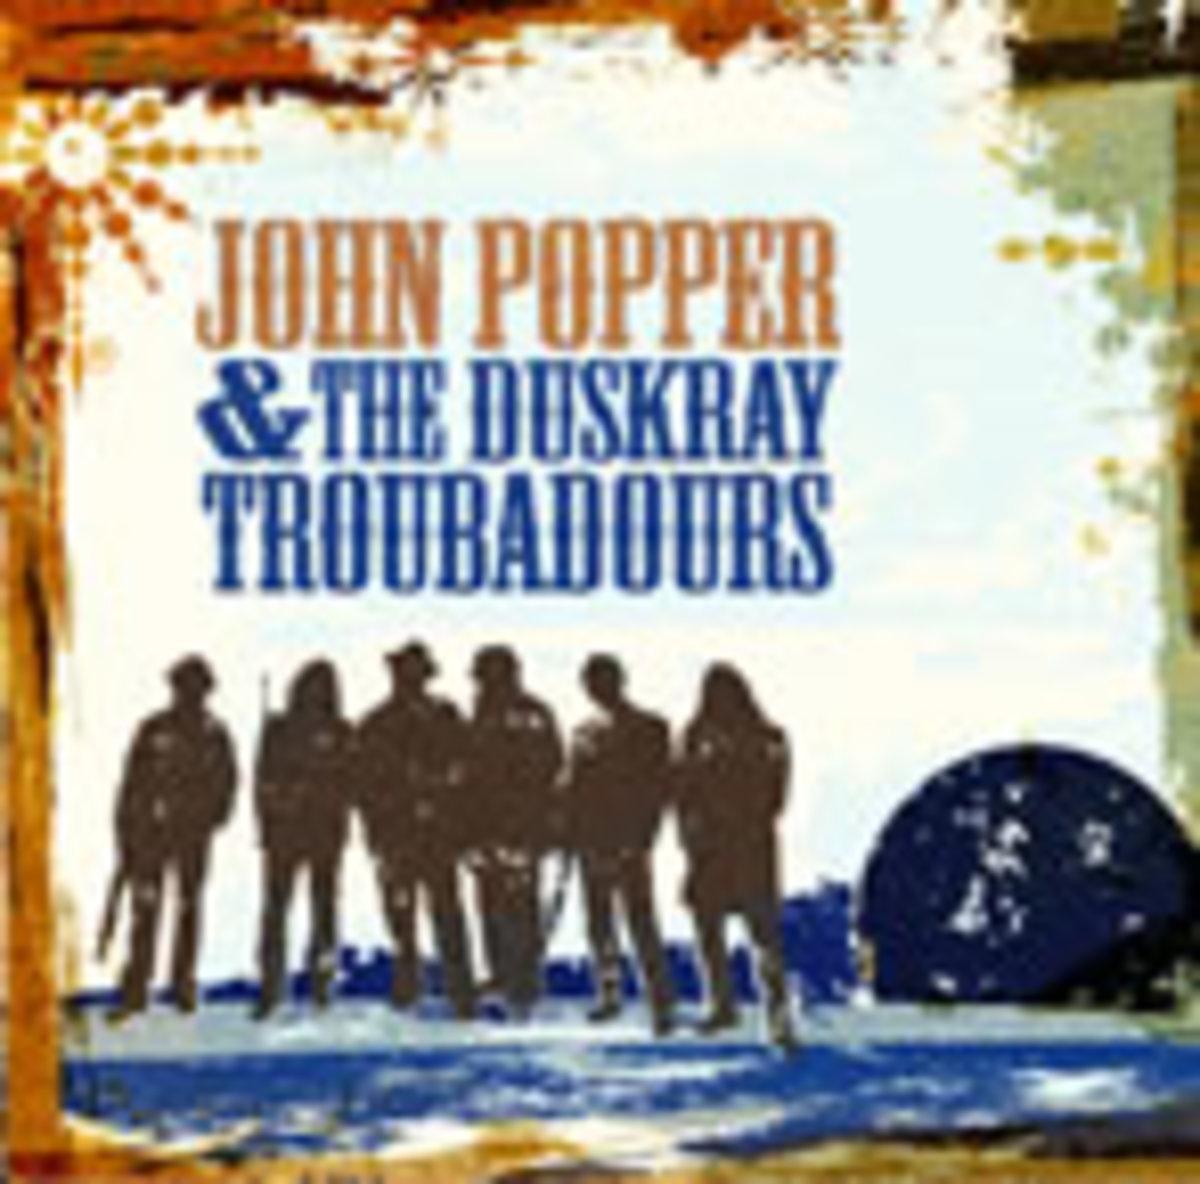 John Popper_Duskray Troubadours